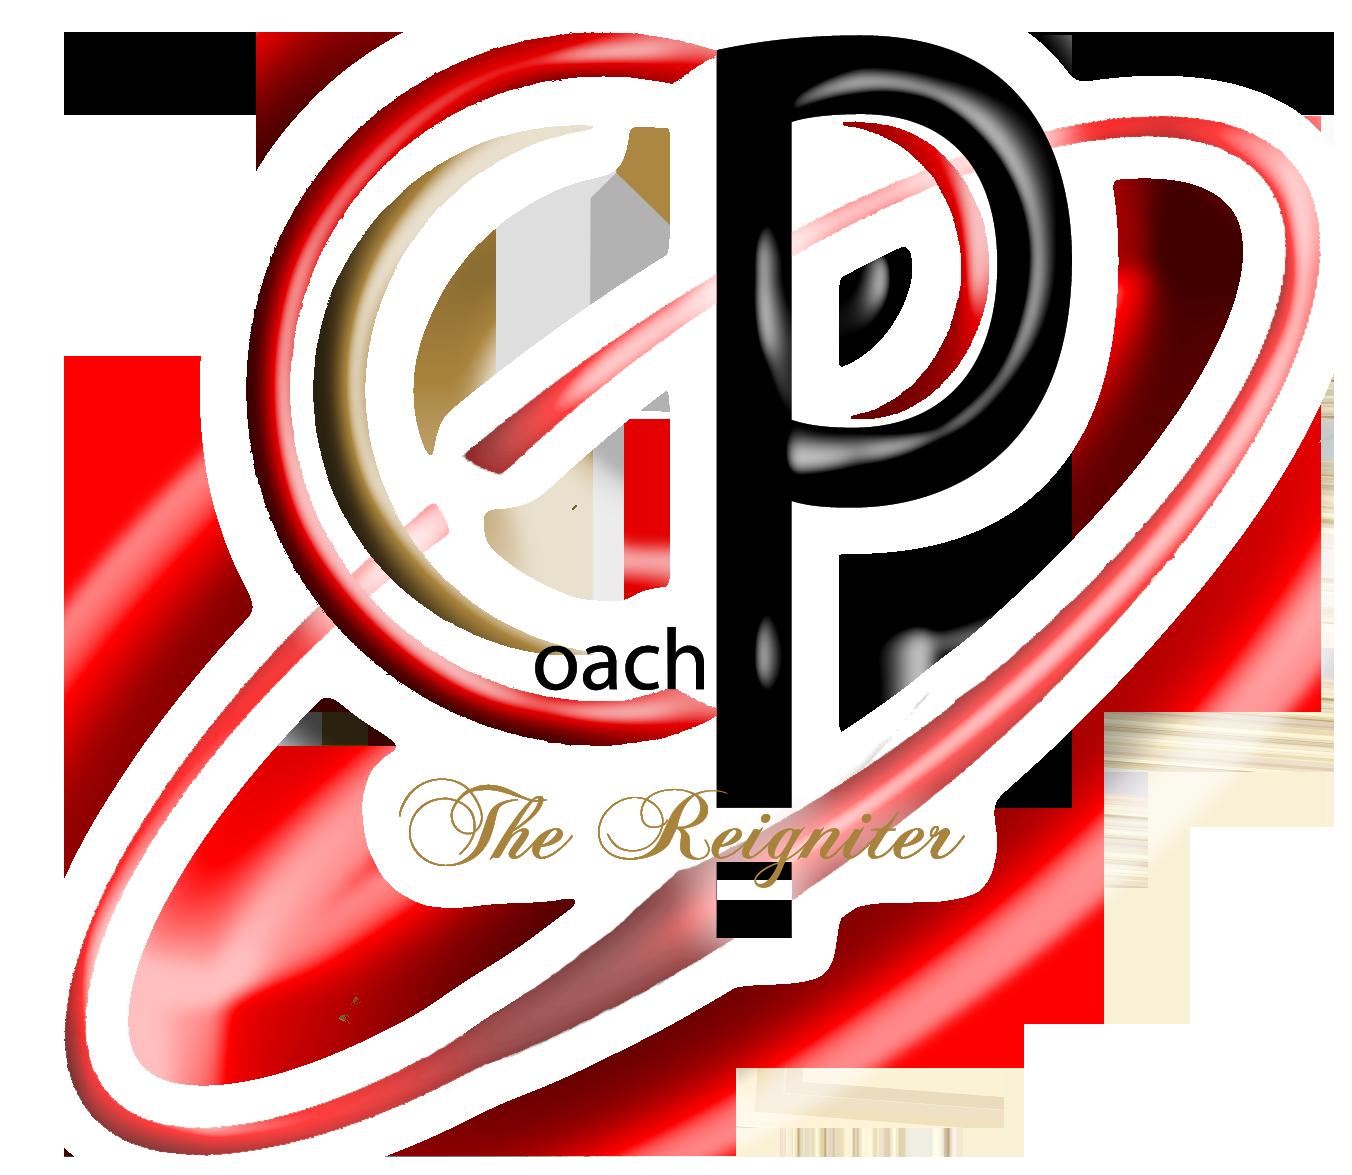 New Logo Cropped 4 GLOW